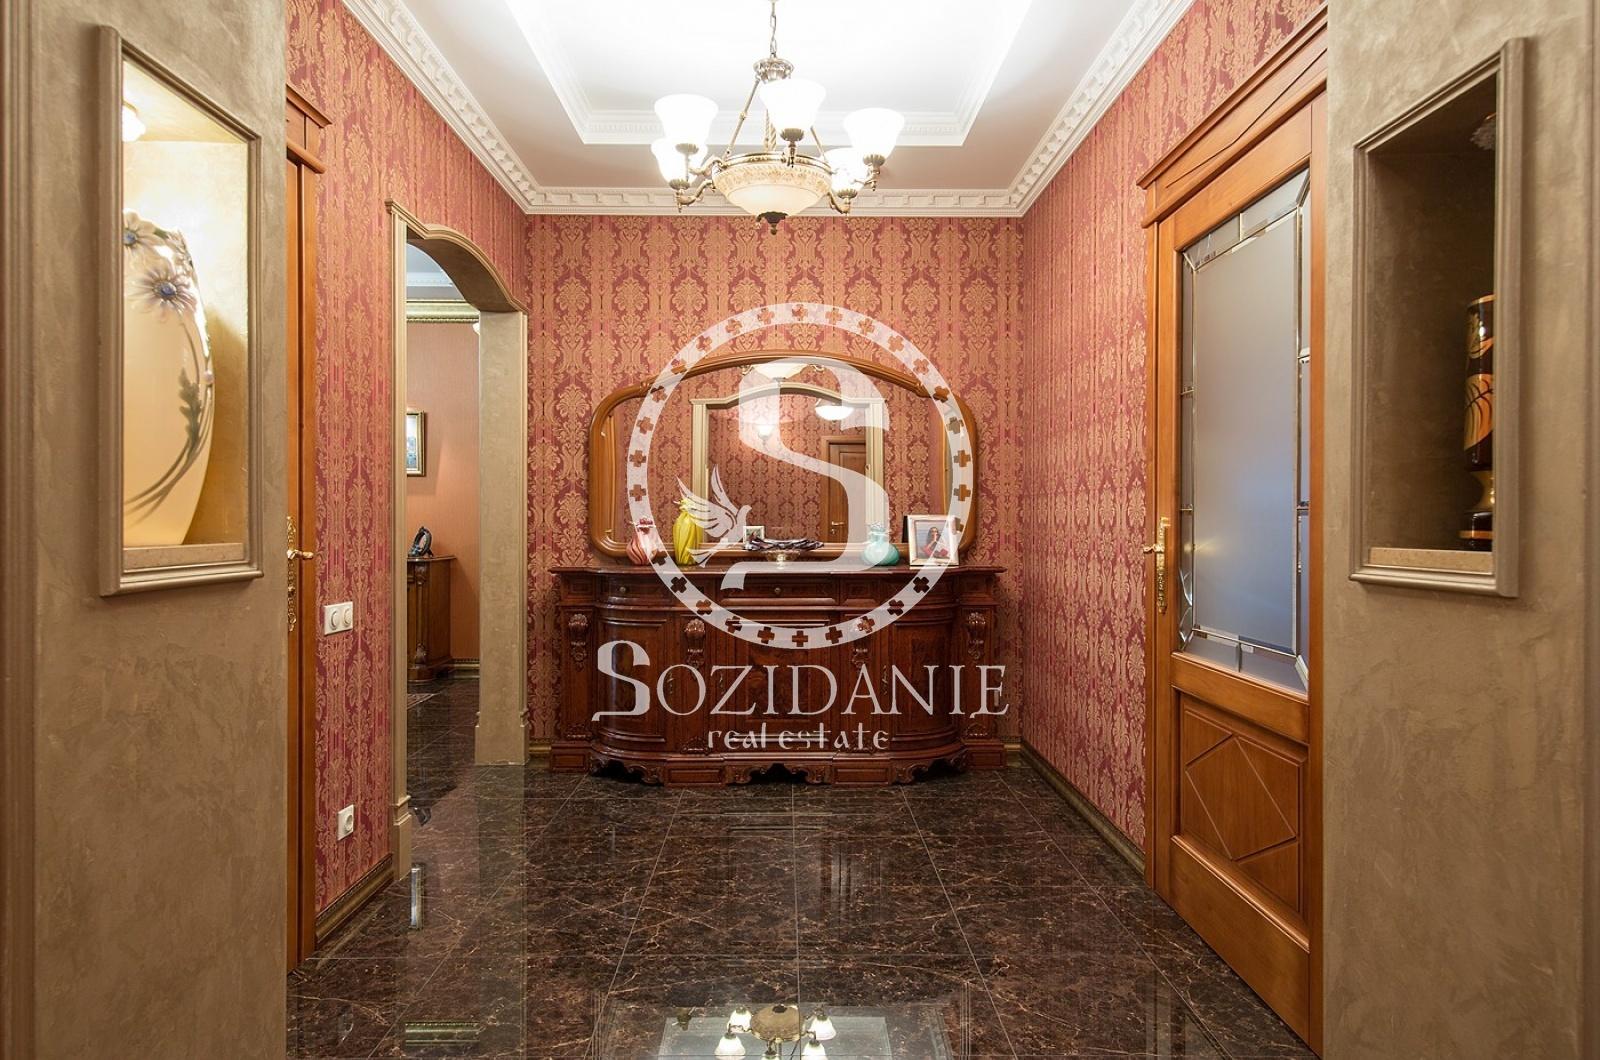 5 Комнаты, Городская, Аренда, Чапаевский переулок, Listing ID 3645, Москва, Россия,